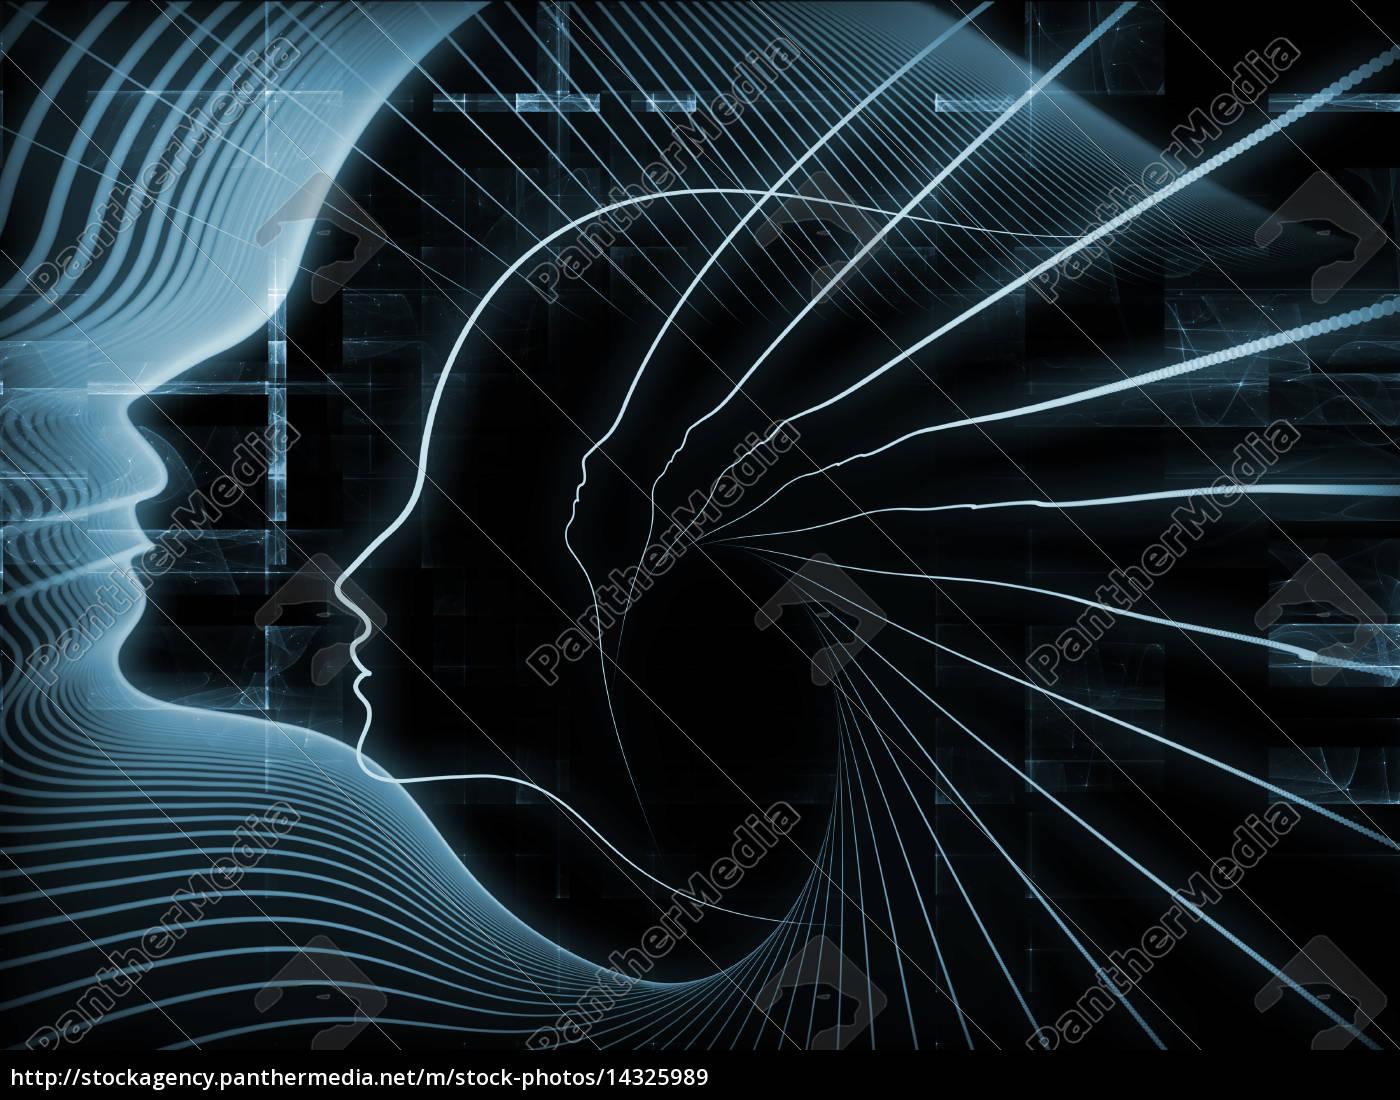 realtà, della, geometria, dell'anima - 14325989